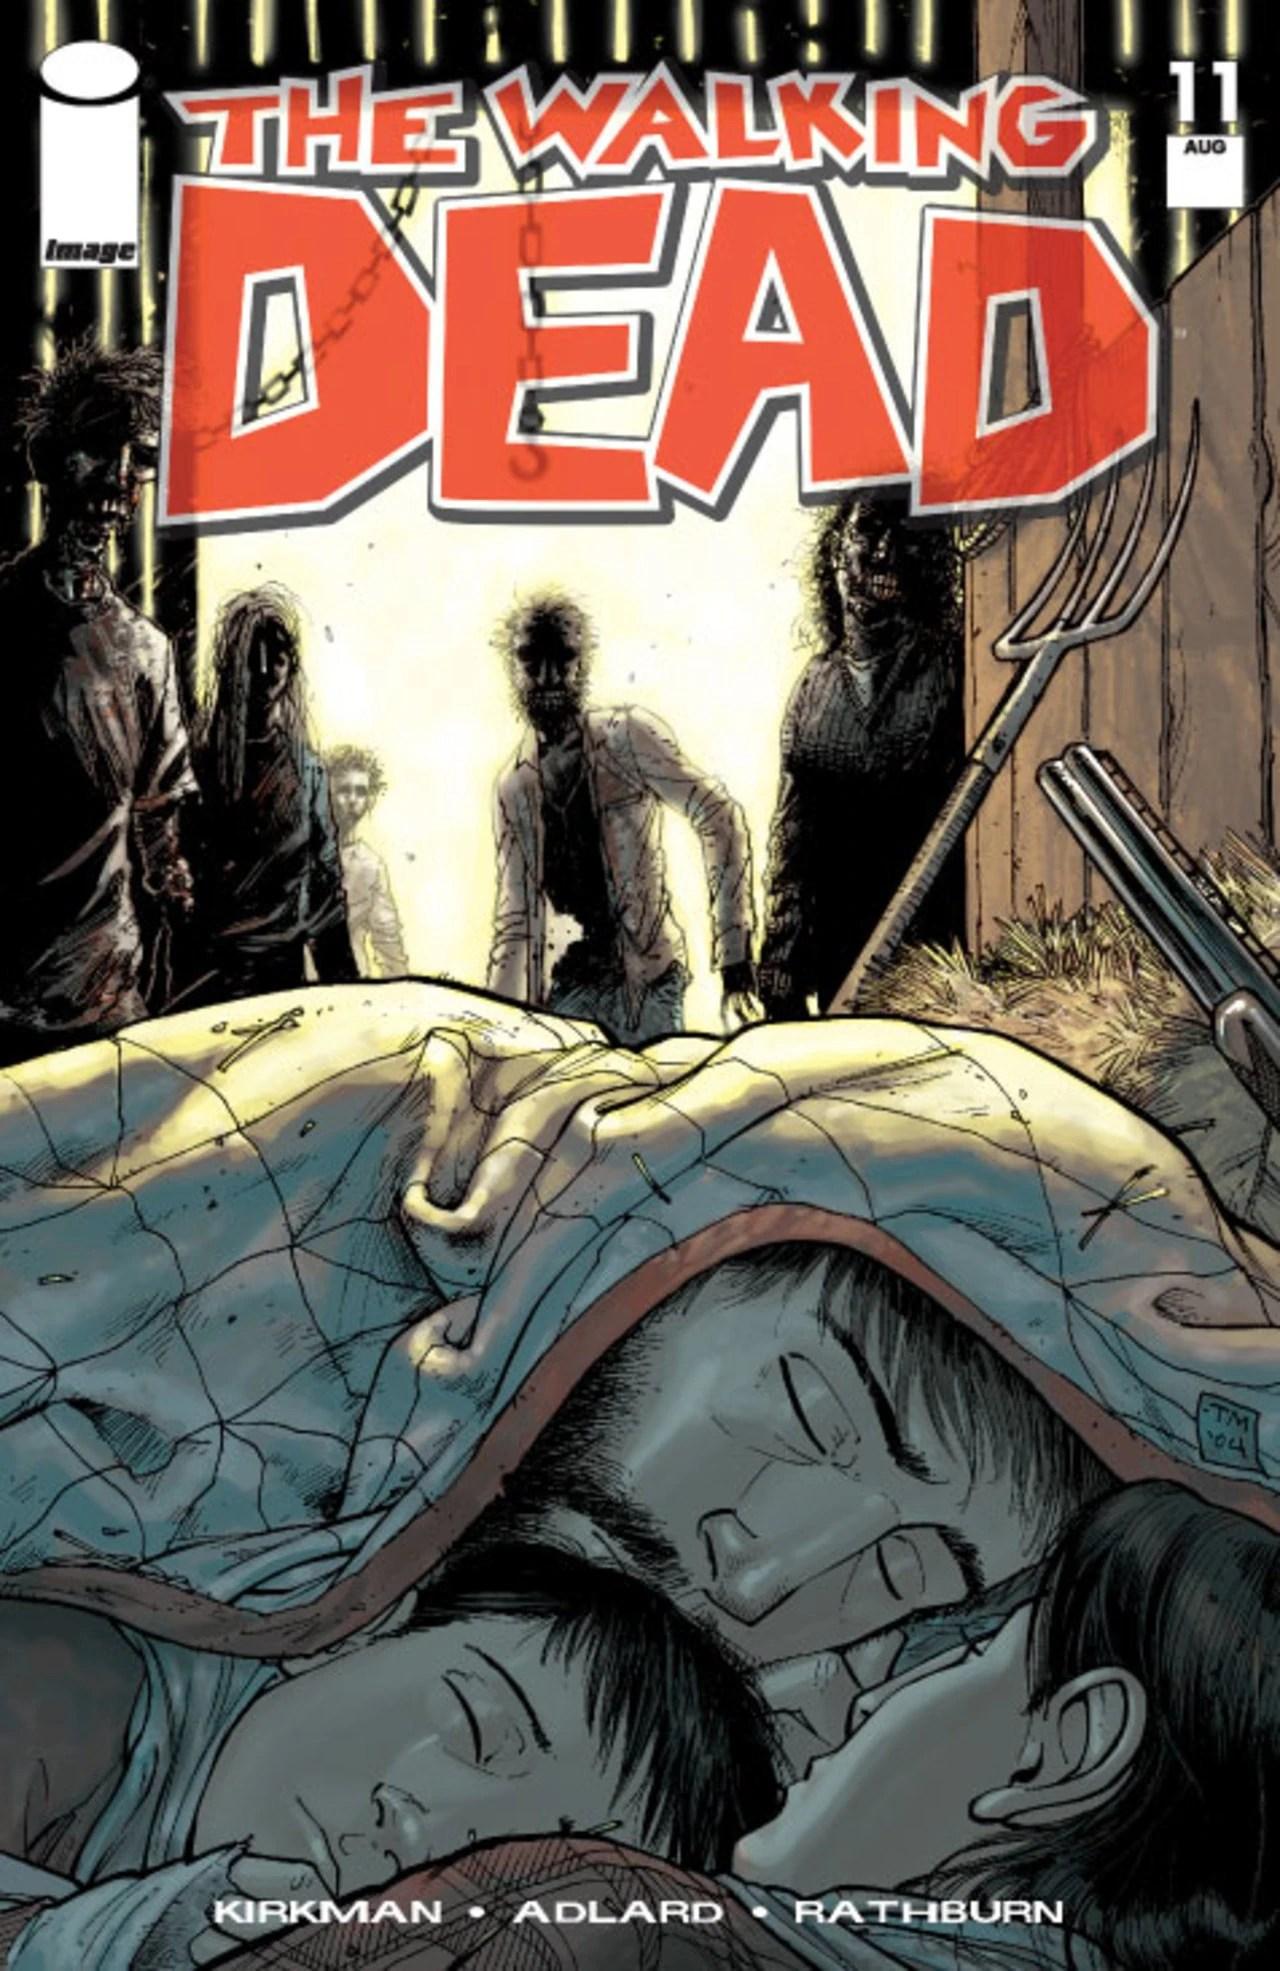 Issue 11  Walking Dead Wiki  FANDOM powered by Wikia